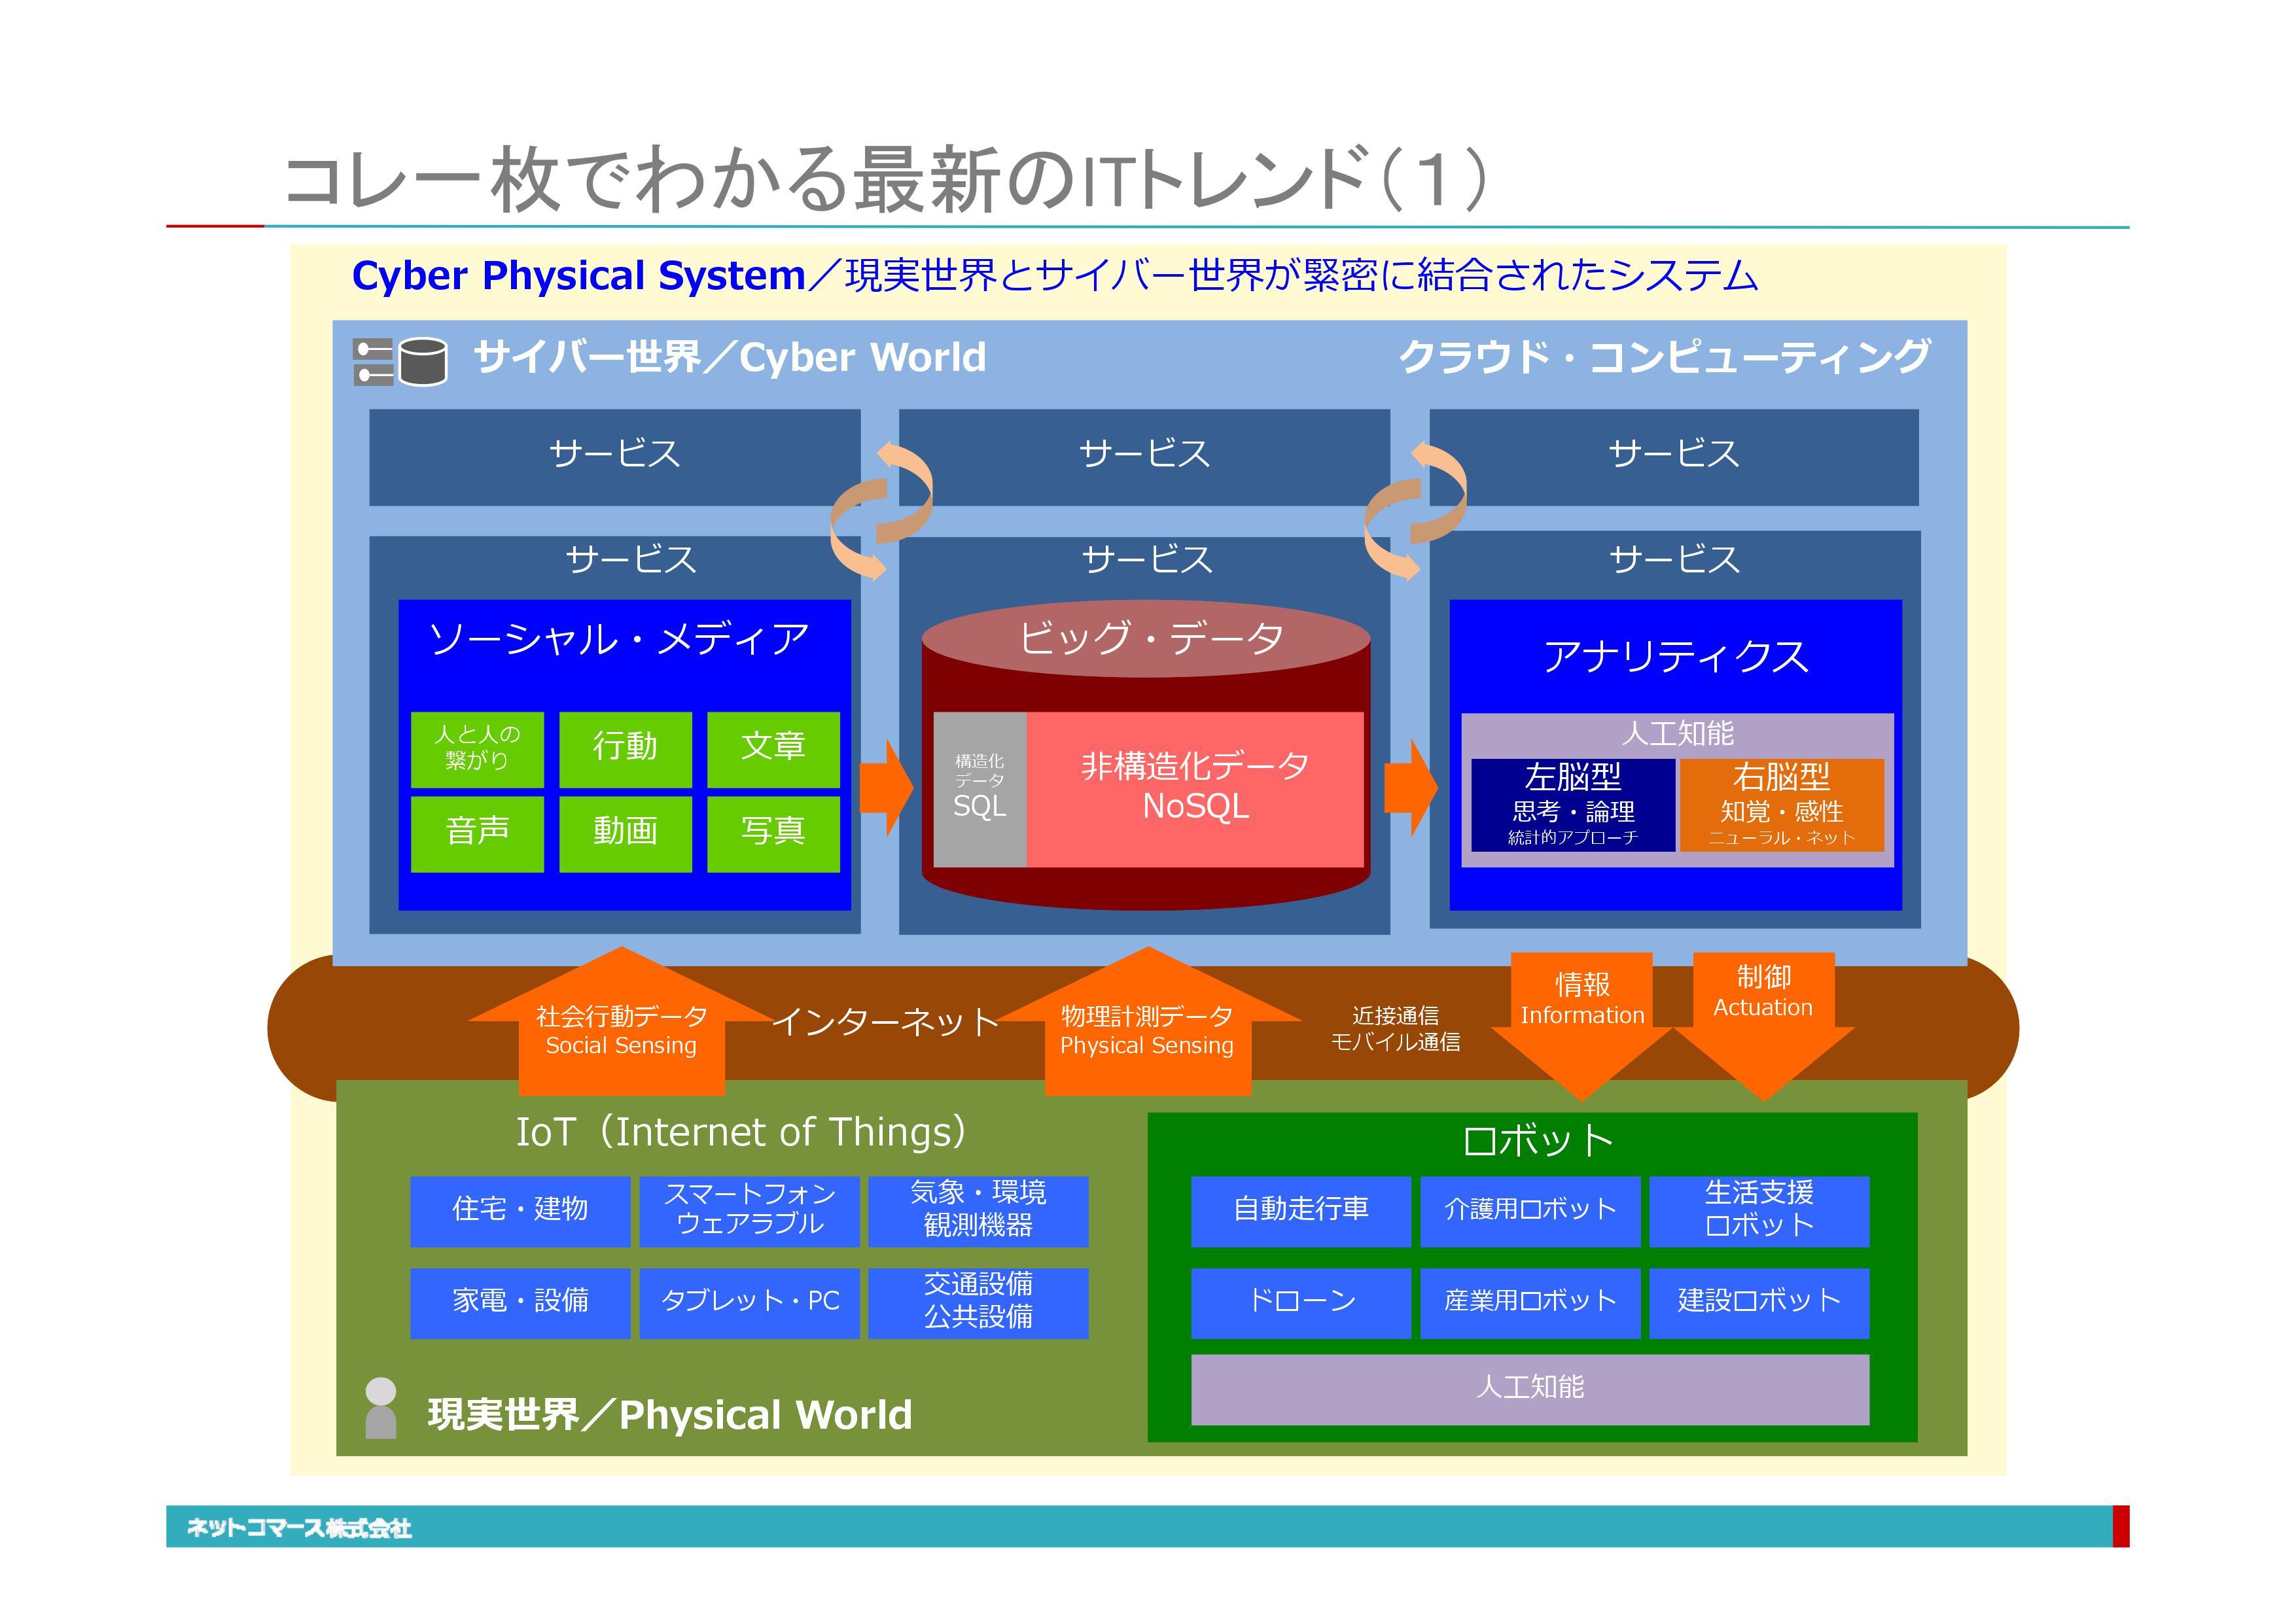 Cyber Physical System/現実世界とサイバー世界が緊密に結合されたシステム